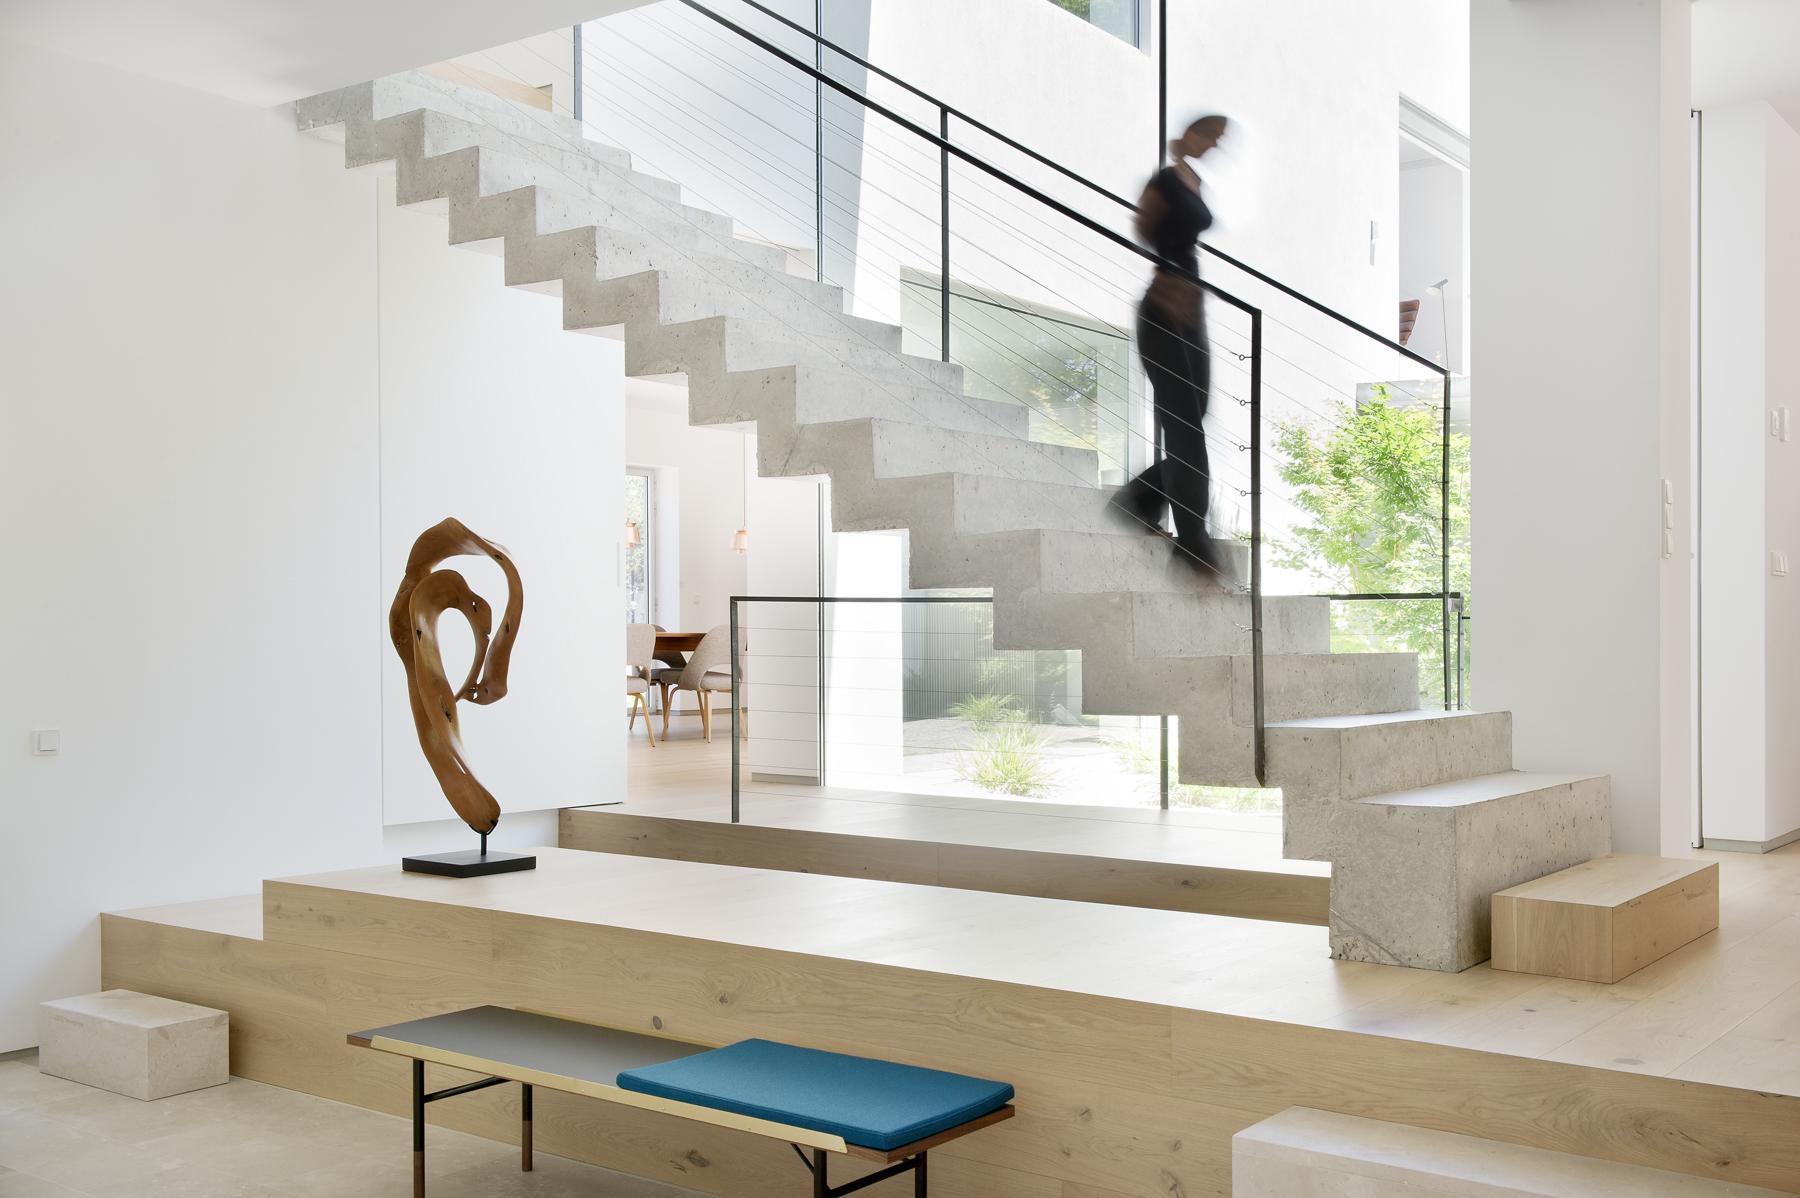 Proyecto de reforma estudio ÁBATON arquitectura. Escalera de hormigon